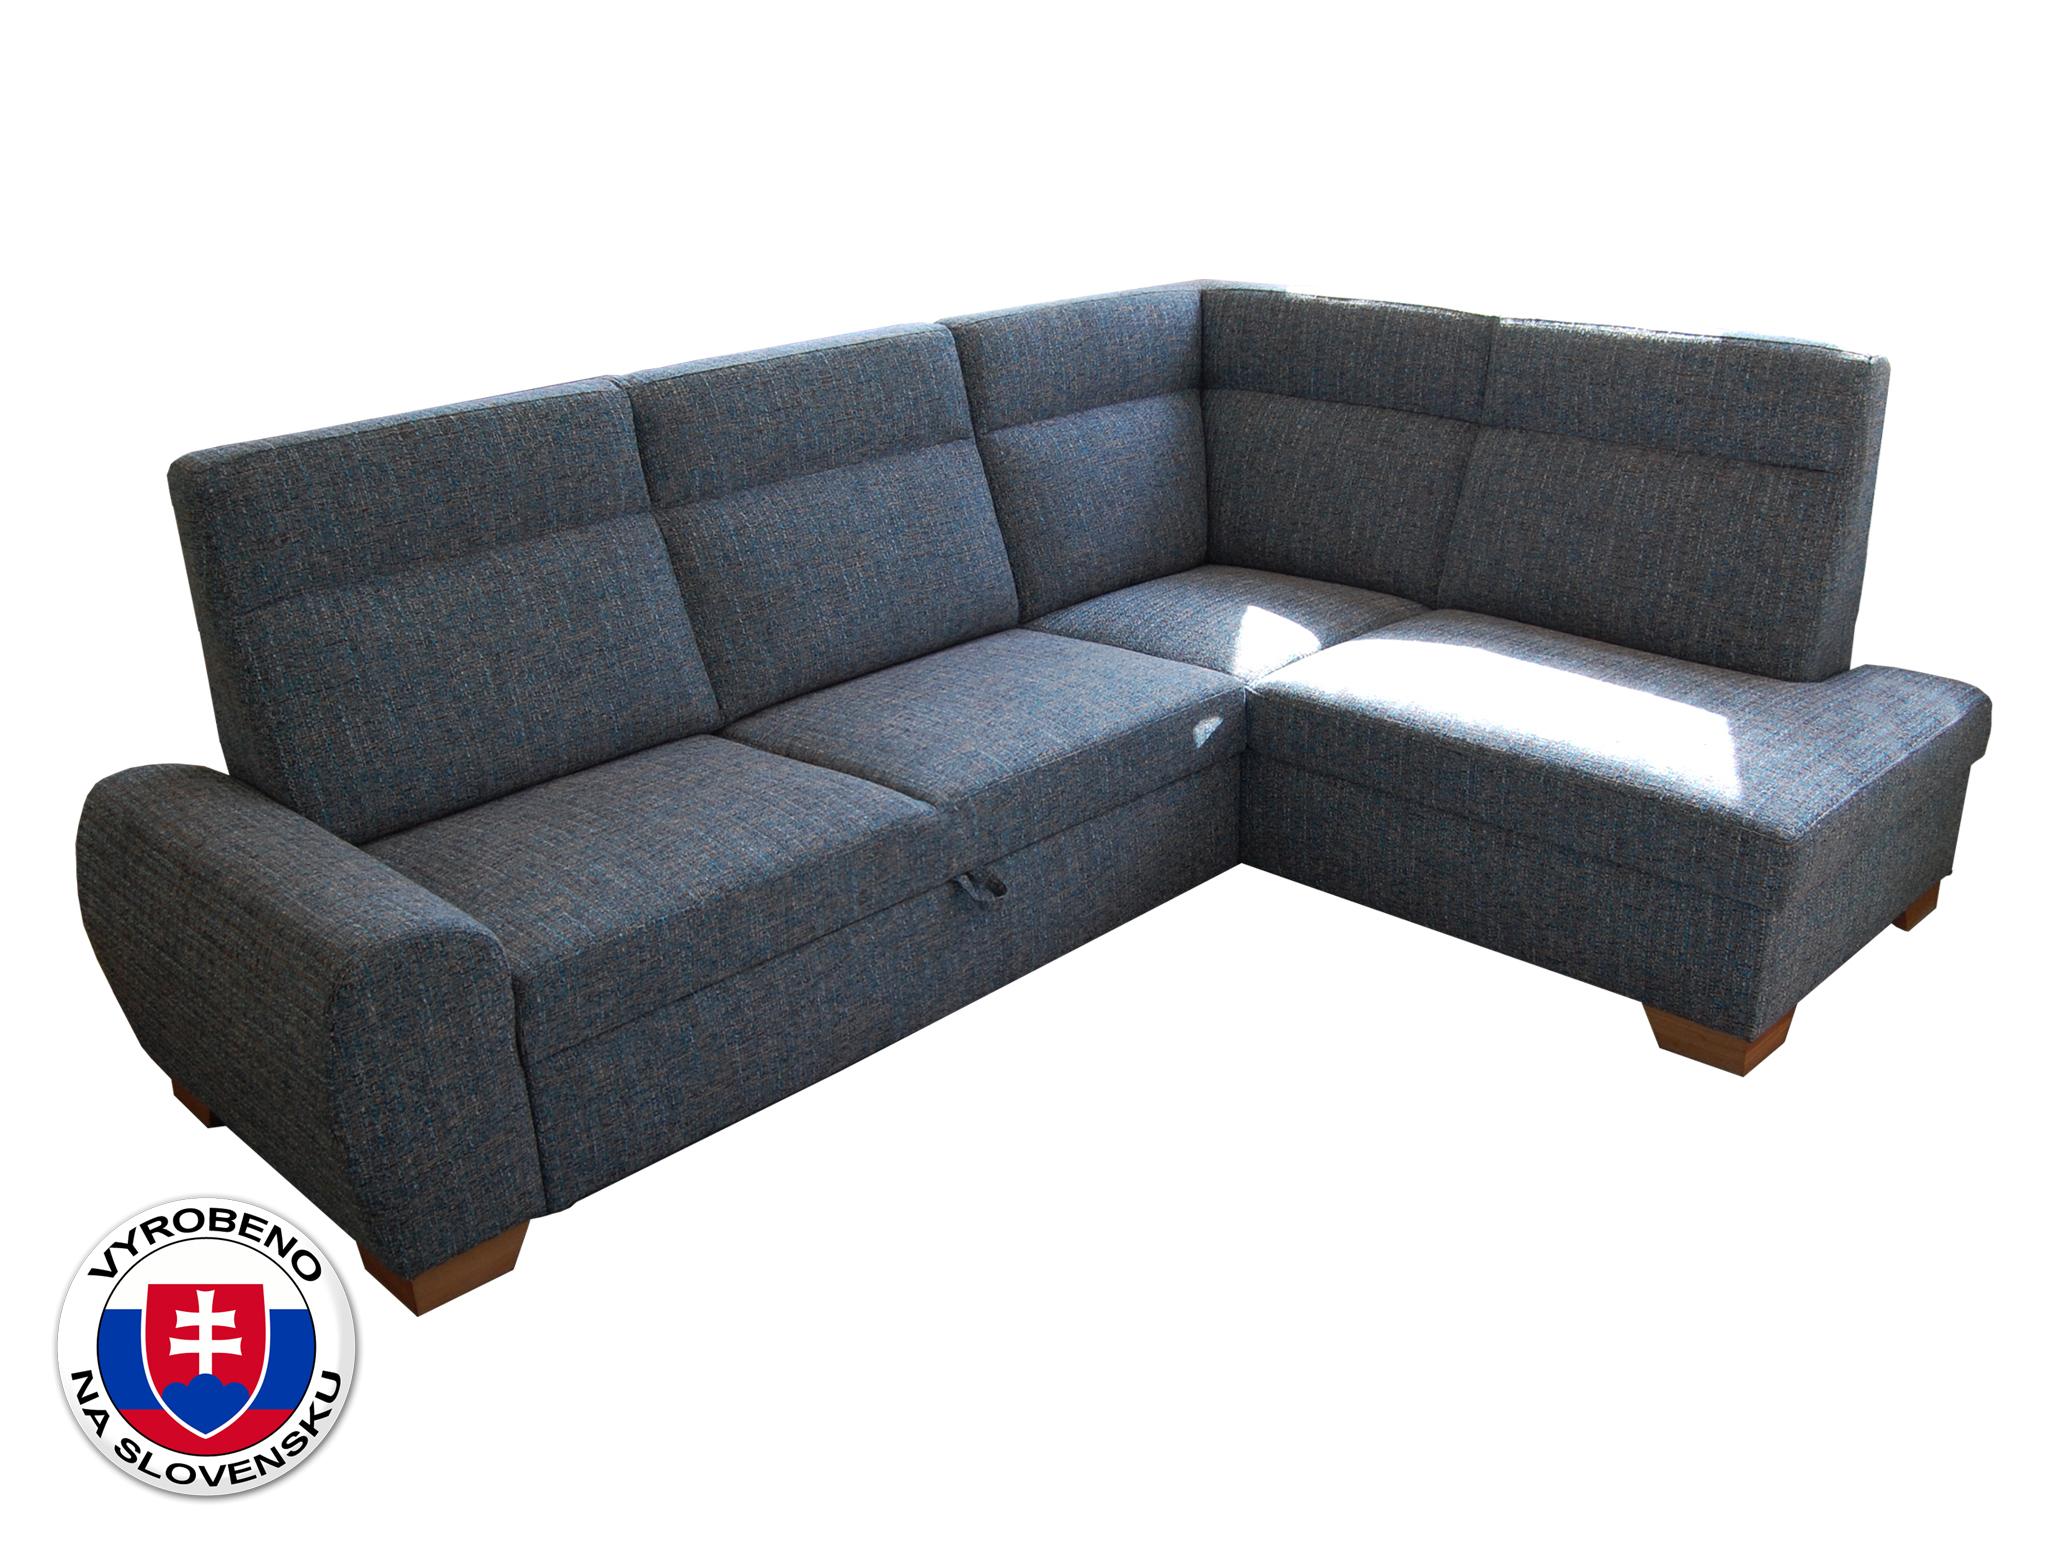 Rohová sedací souprava - BRW - San Remo Područka B (P) *dárek ZDARMA